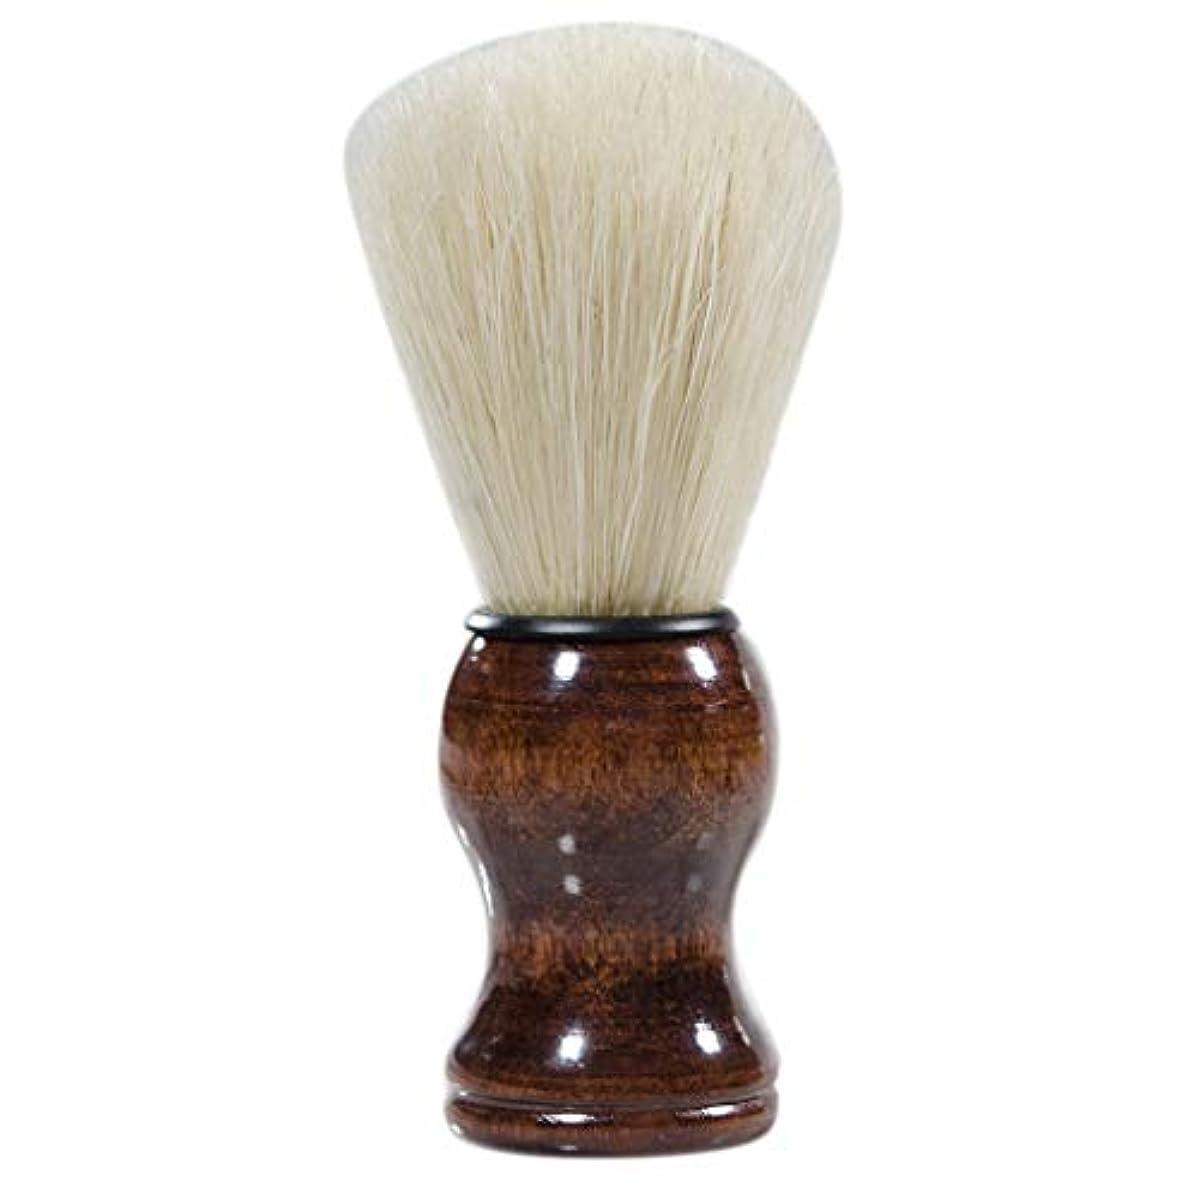 花弁比率火炎sharprepublic シェービングブラシ 毛髭ブラシ 髭剃りブラシ ひげブラシ 理容ブラシ ひげ剃り 美容ツール